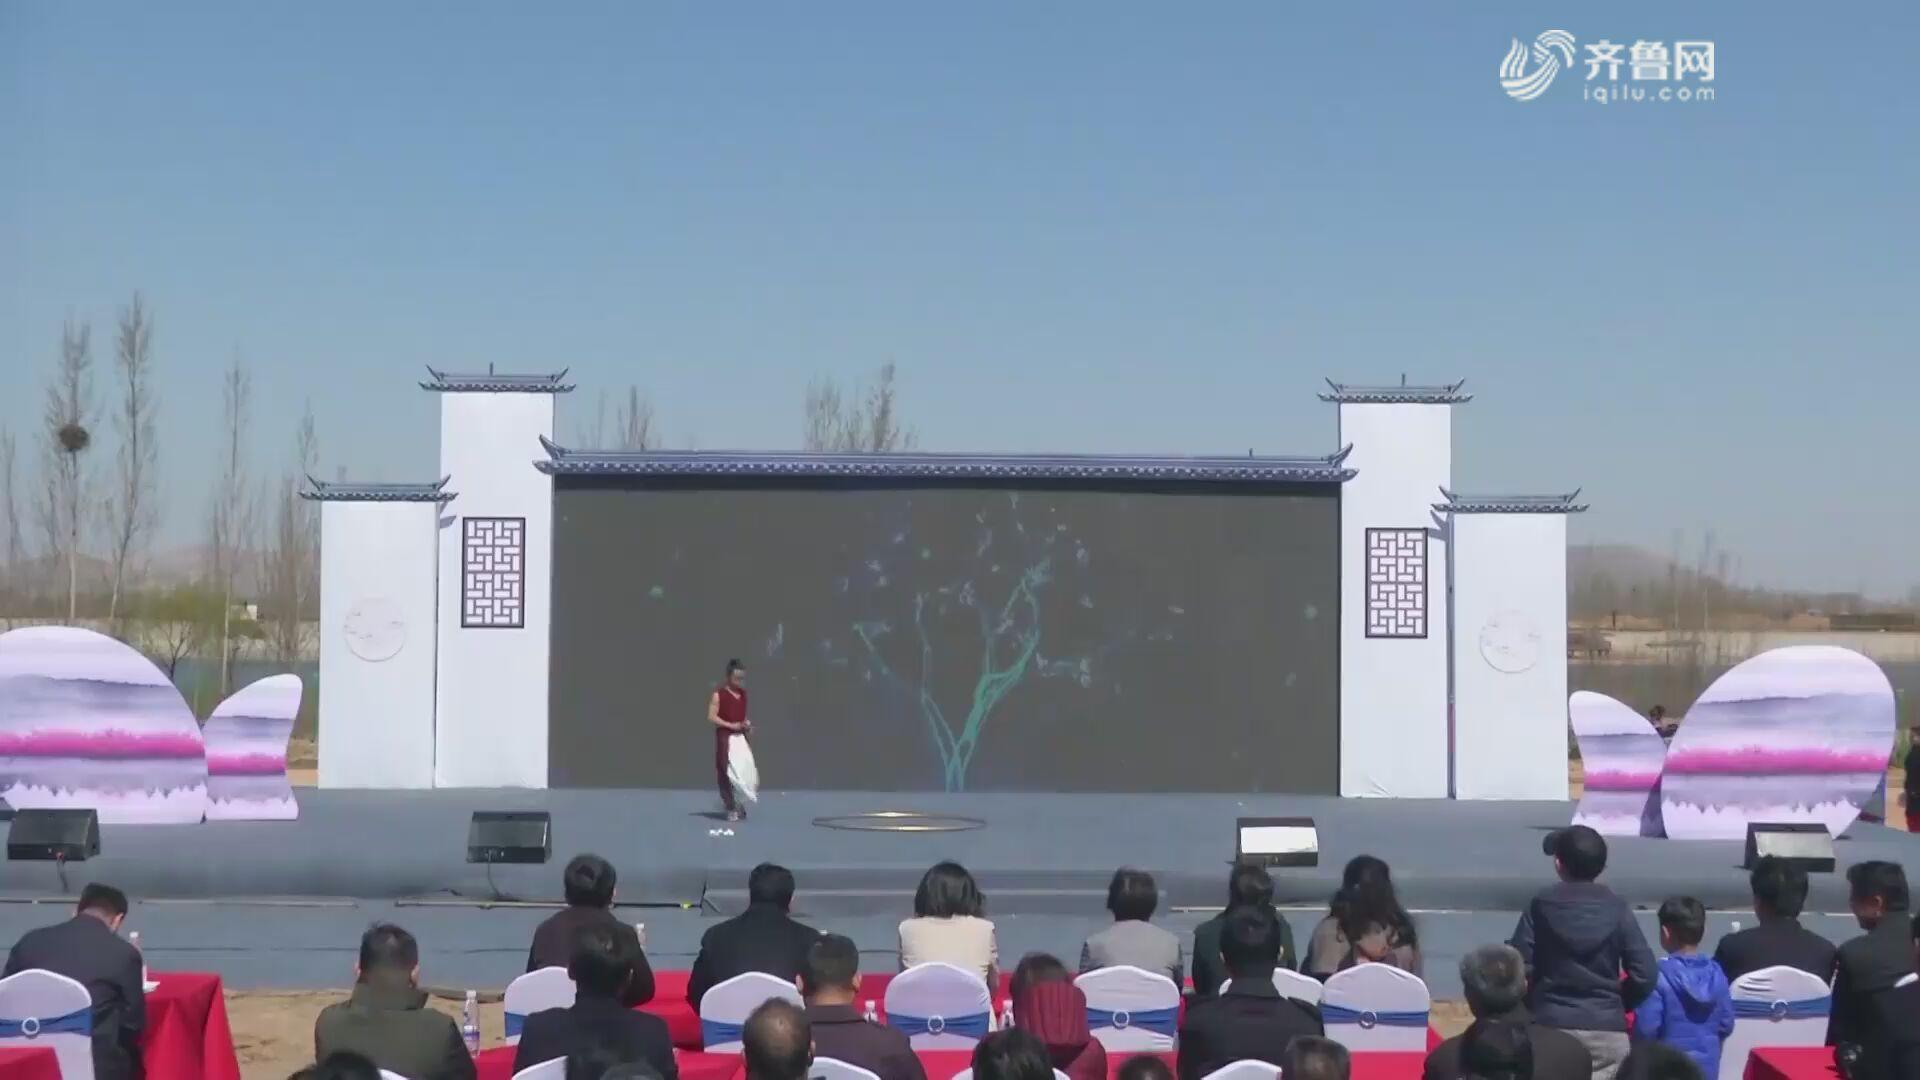 杂技《水晶球环之舞》——十里桃花醉桃源·大束镇葛炉山第三届雲梦桃源桃花节